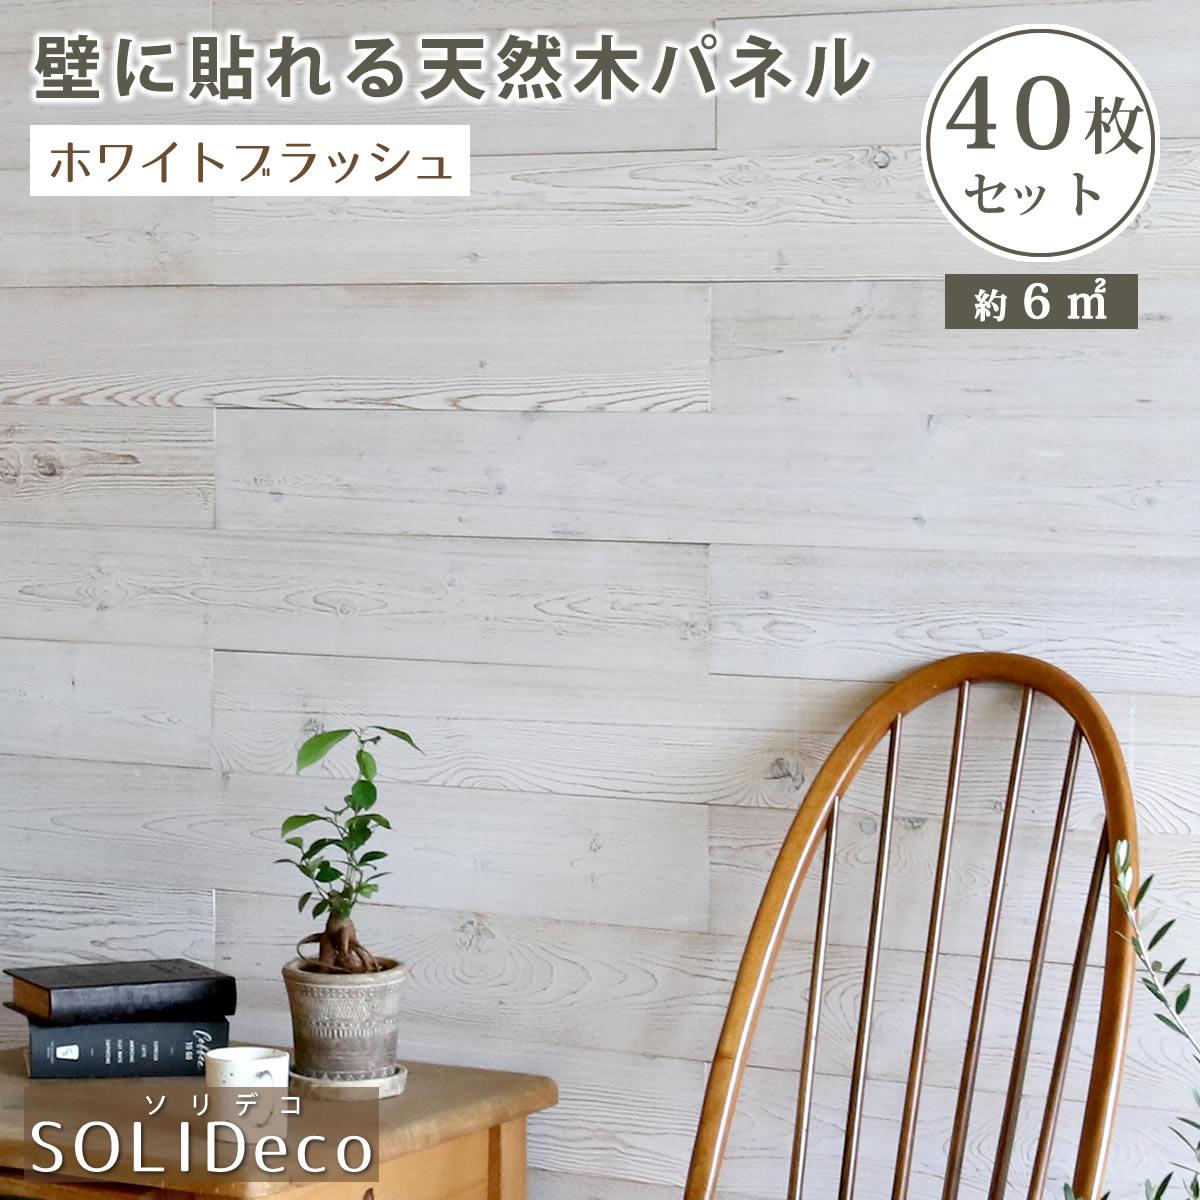 壁パネル ウォールパネル 返品交換不可 ウッドパネル DIY 壁紙 SOLIDECO 約6m2 壁に貼れる天然木パネル 40枚組 送料無料 倉庫